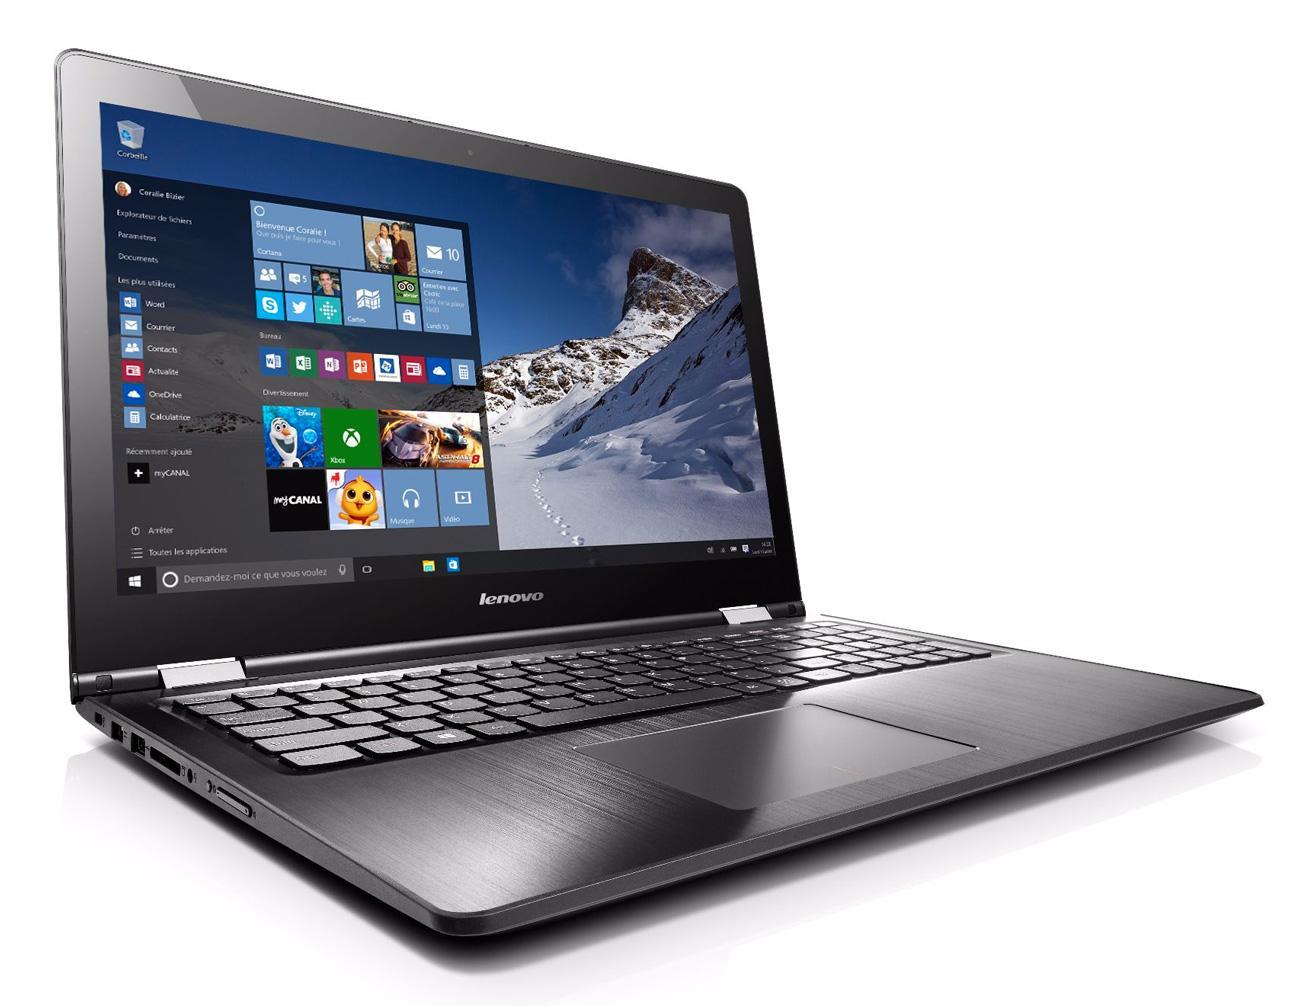 """PC portable hybride 15.6"""" Lenovo Yoga 500-15 (i5-6200U 2.3Ghz, 4 Go RAM, 1 To)"""